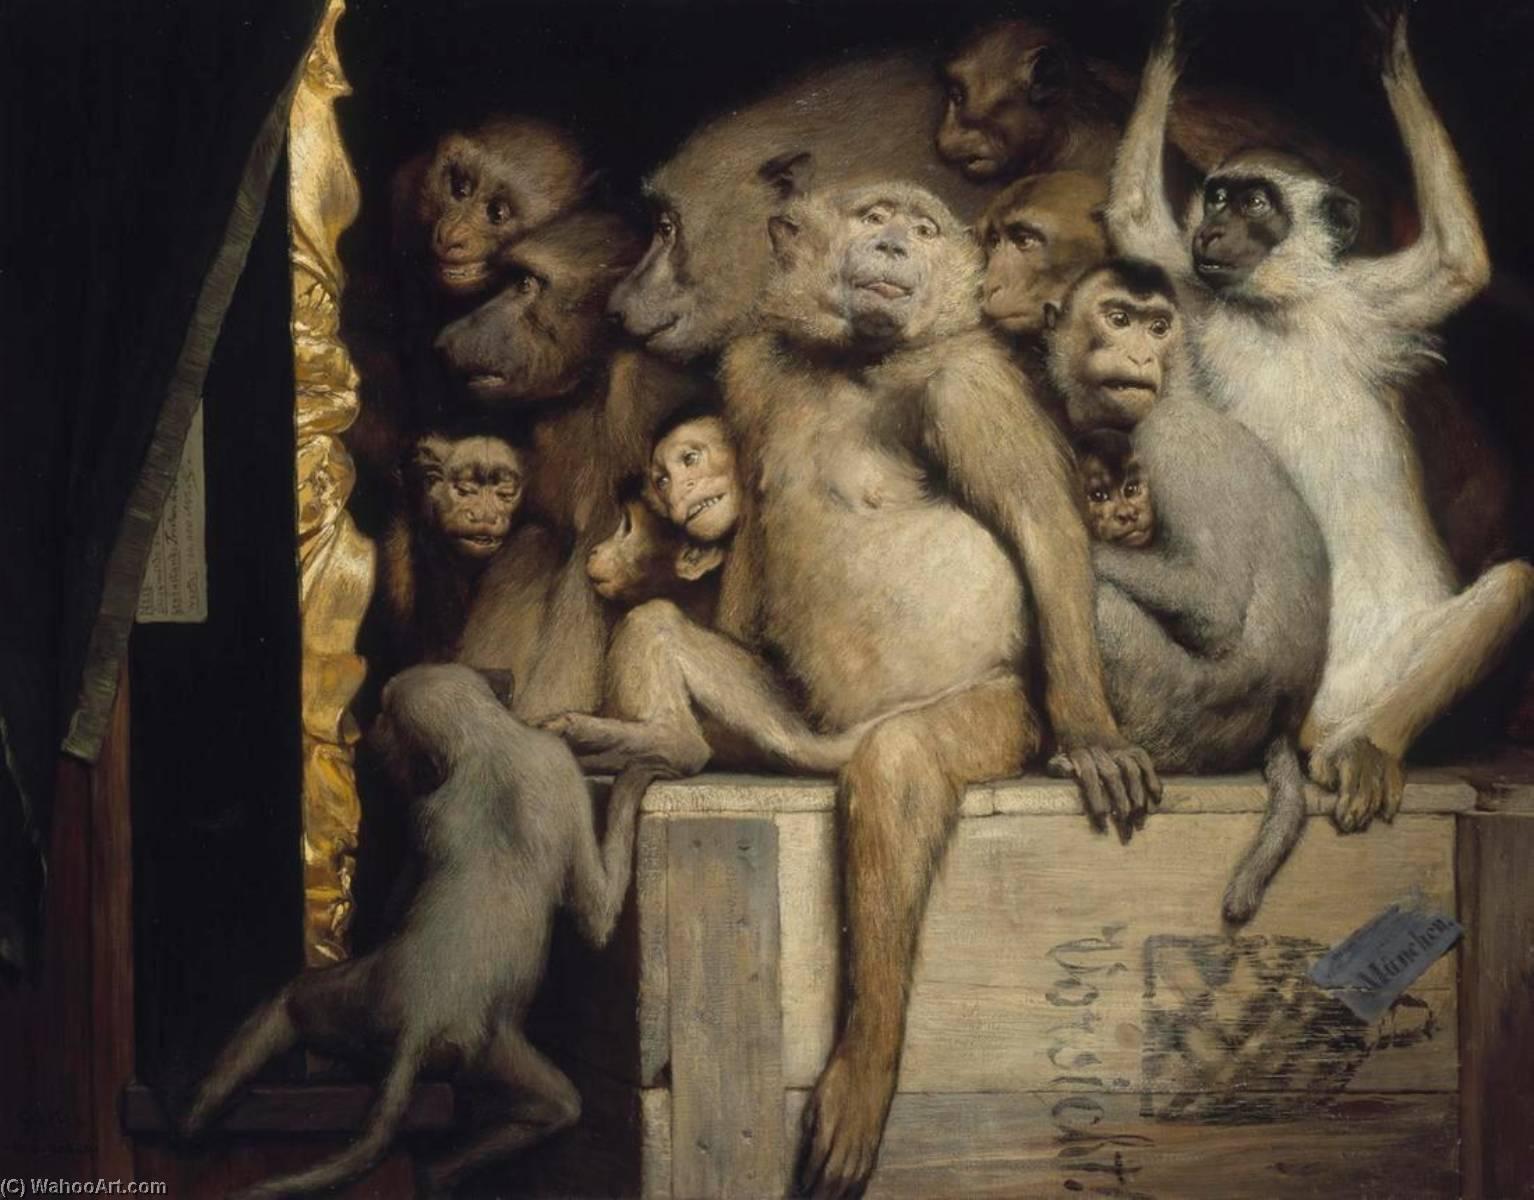 Singes en tant que juges de lart, 1889 de Gabriel Cornelius Ritter Von Max | Reproductions D'œuvres D'art Gabriel Cornelius Ritter Von Max | WahooArt.com